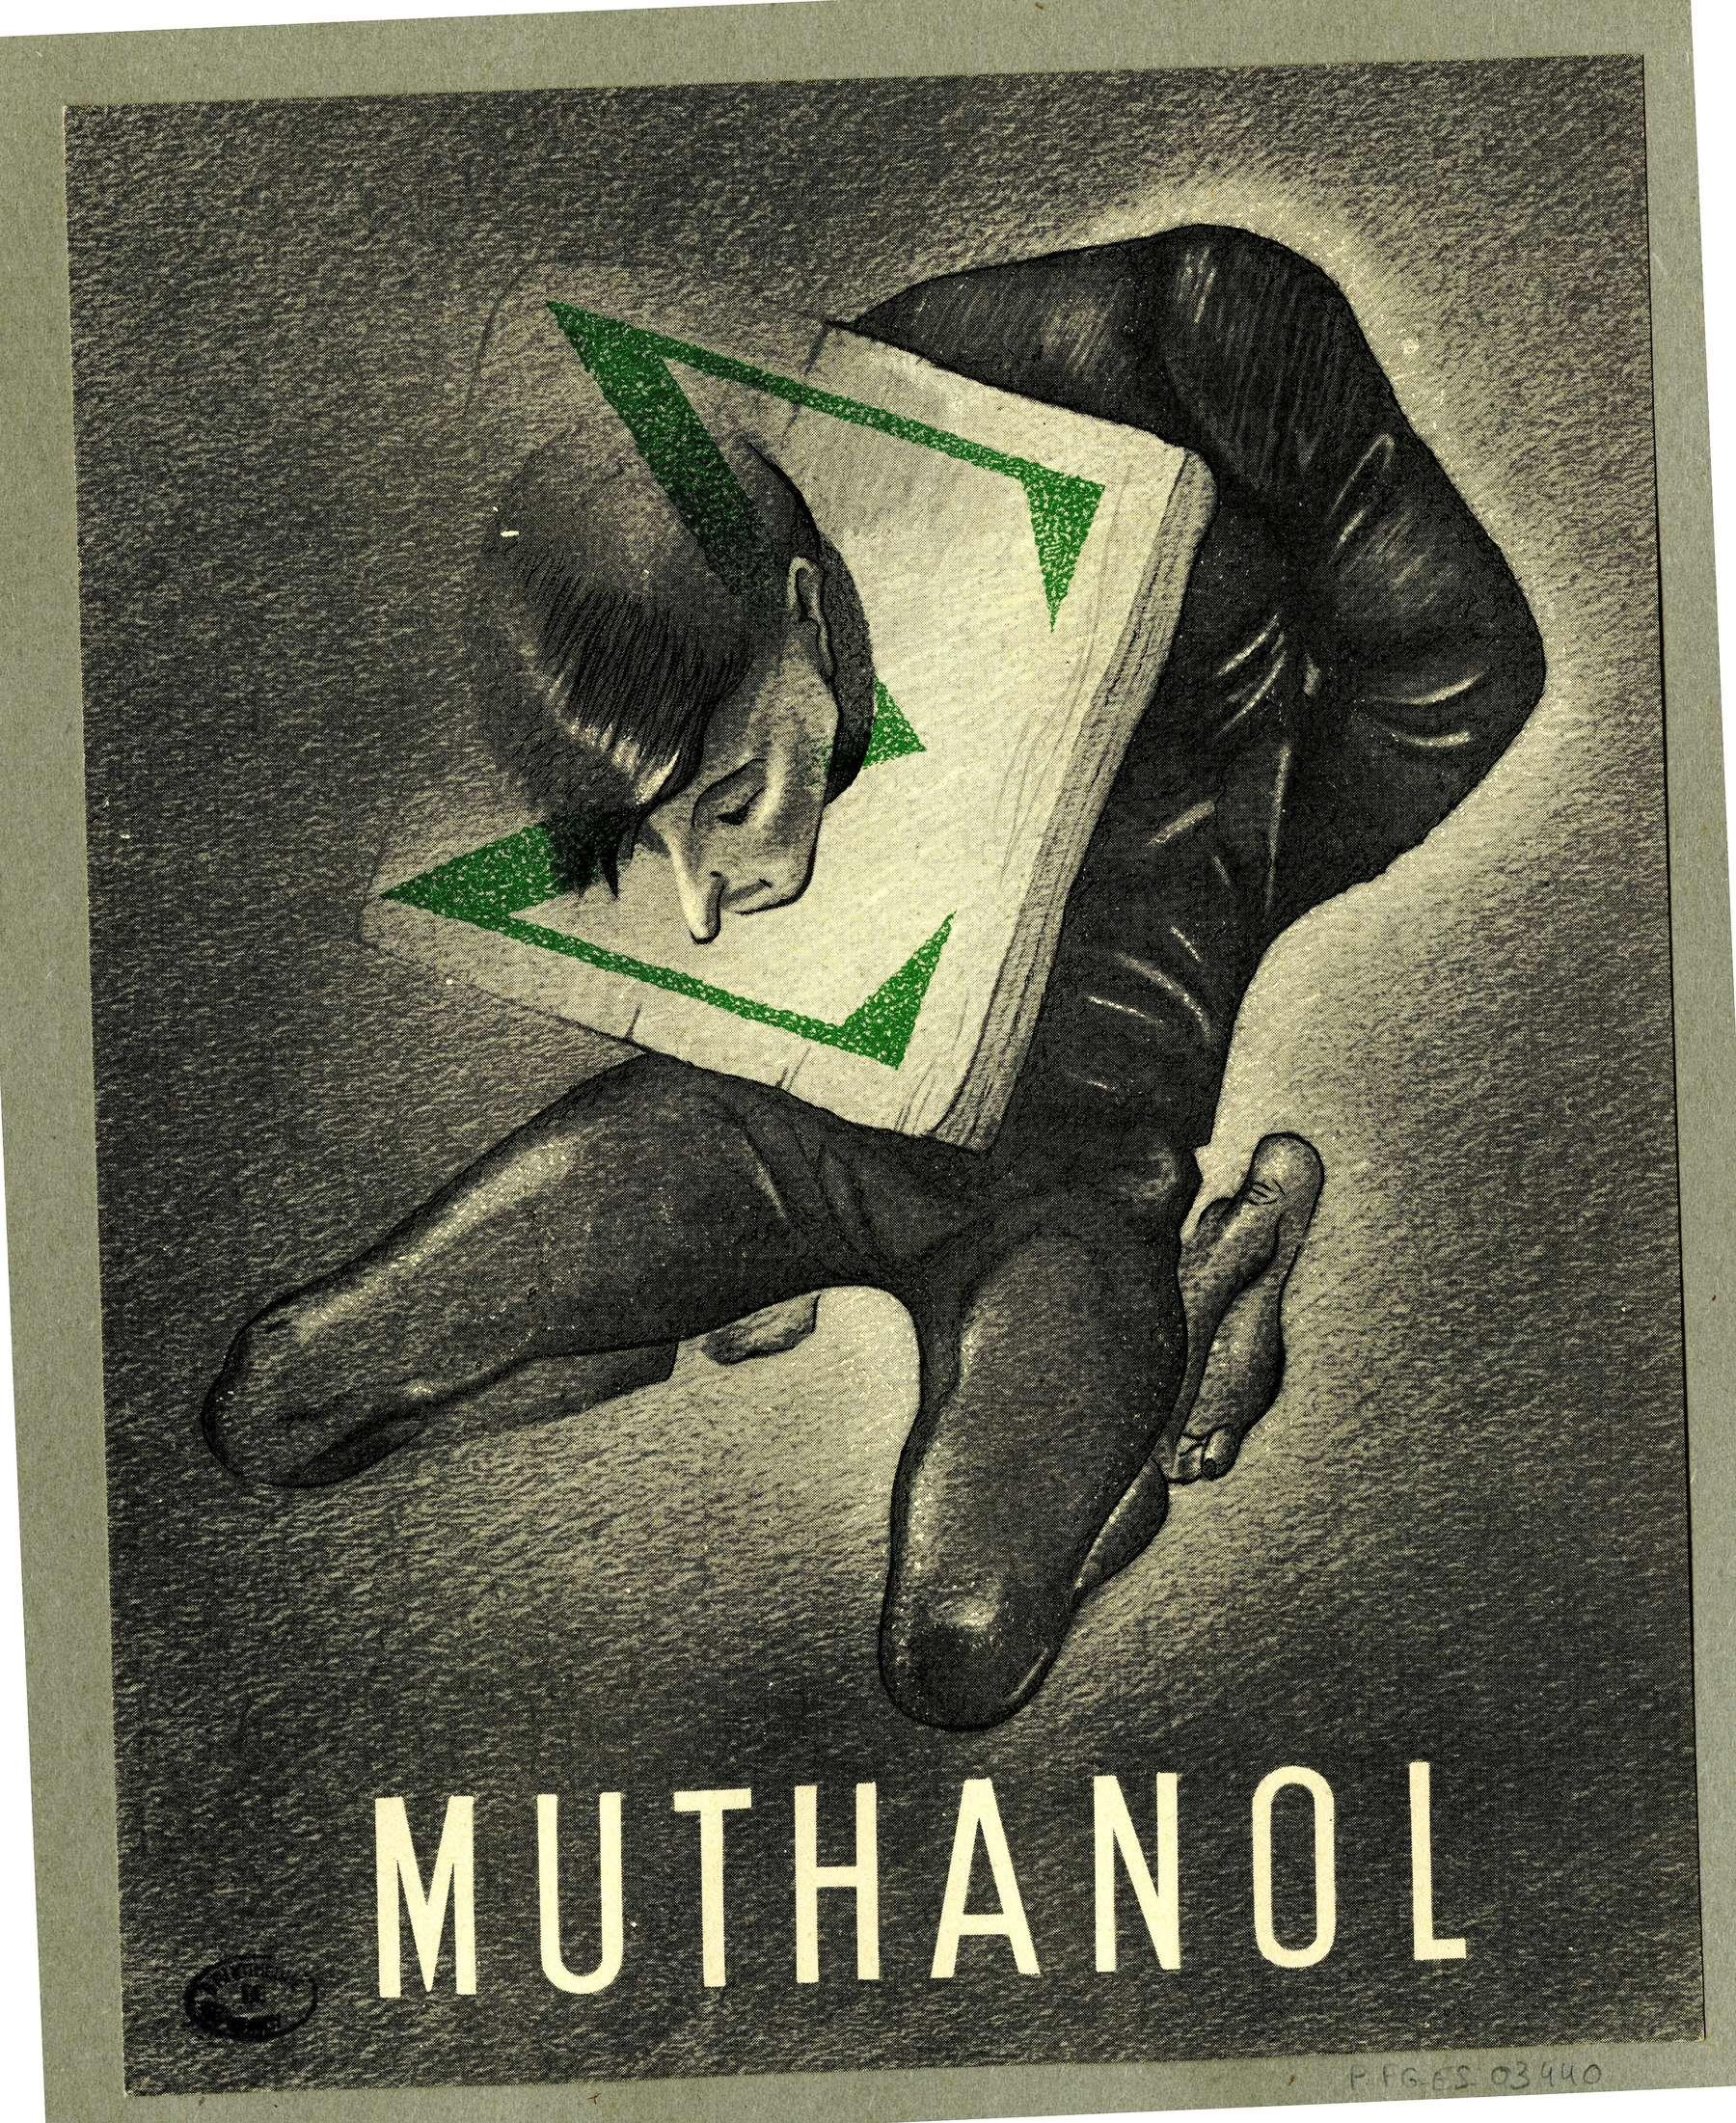 Contenu du Muthanol